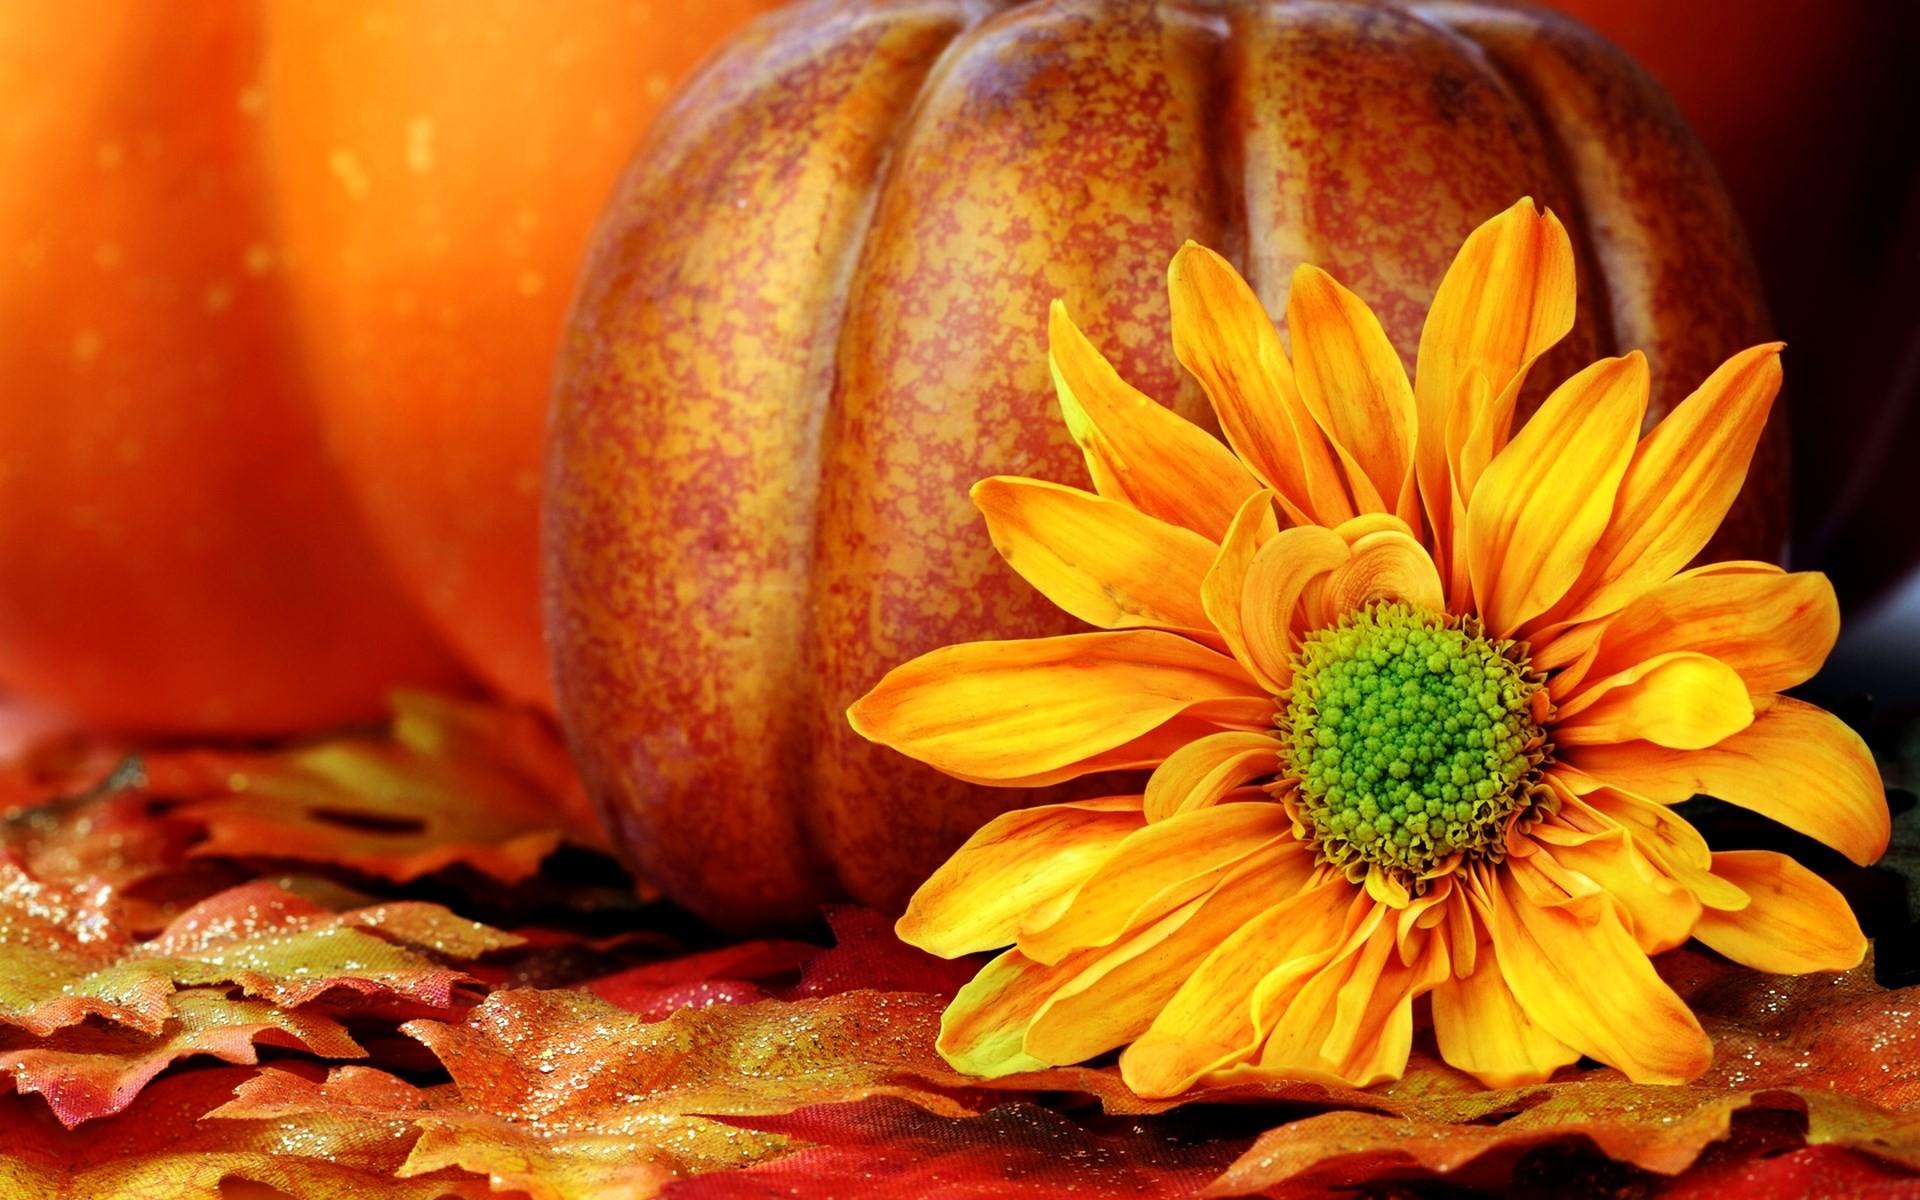 pumpkin wallpaper desktop backgrounds